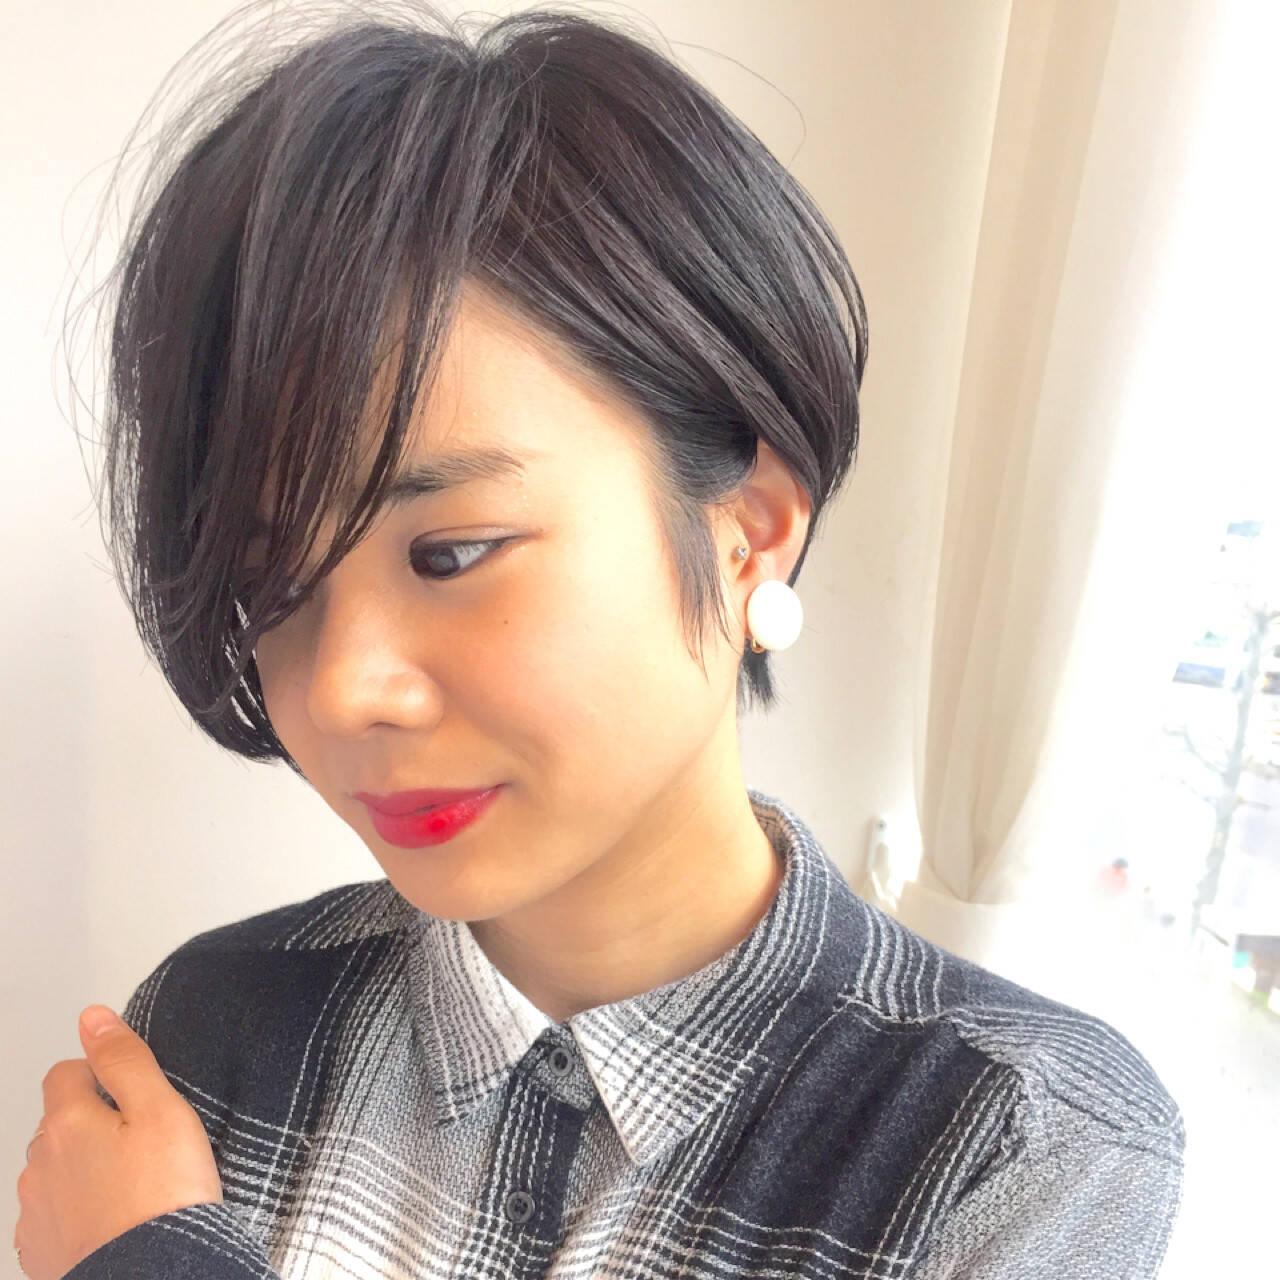 ボーイッシュ 暗髪 うざバング 黒髪ヘアスタイルや髪型の写真・画像